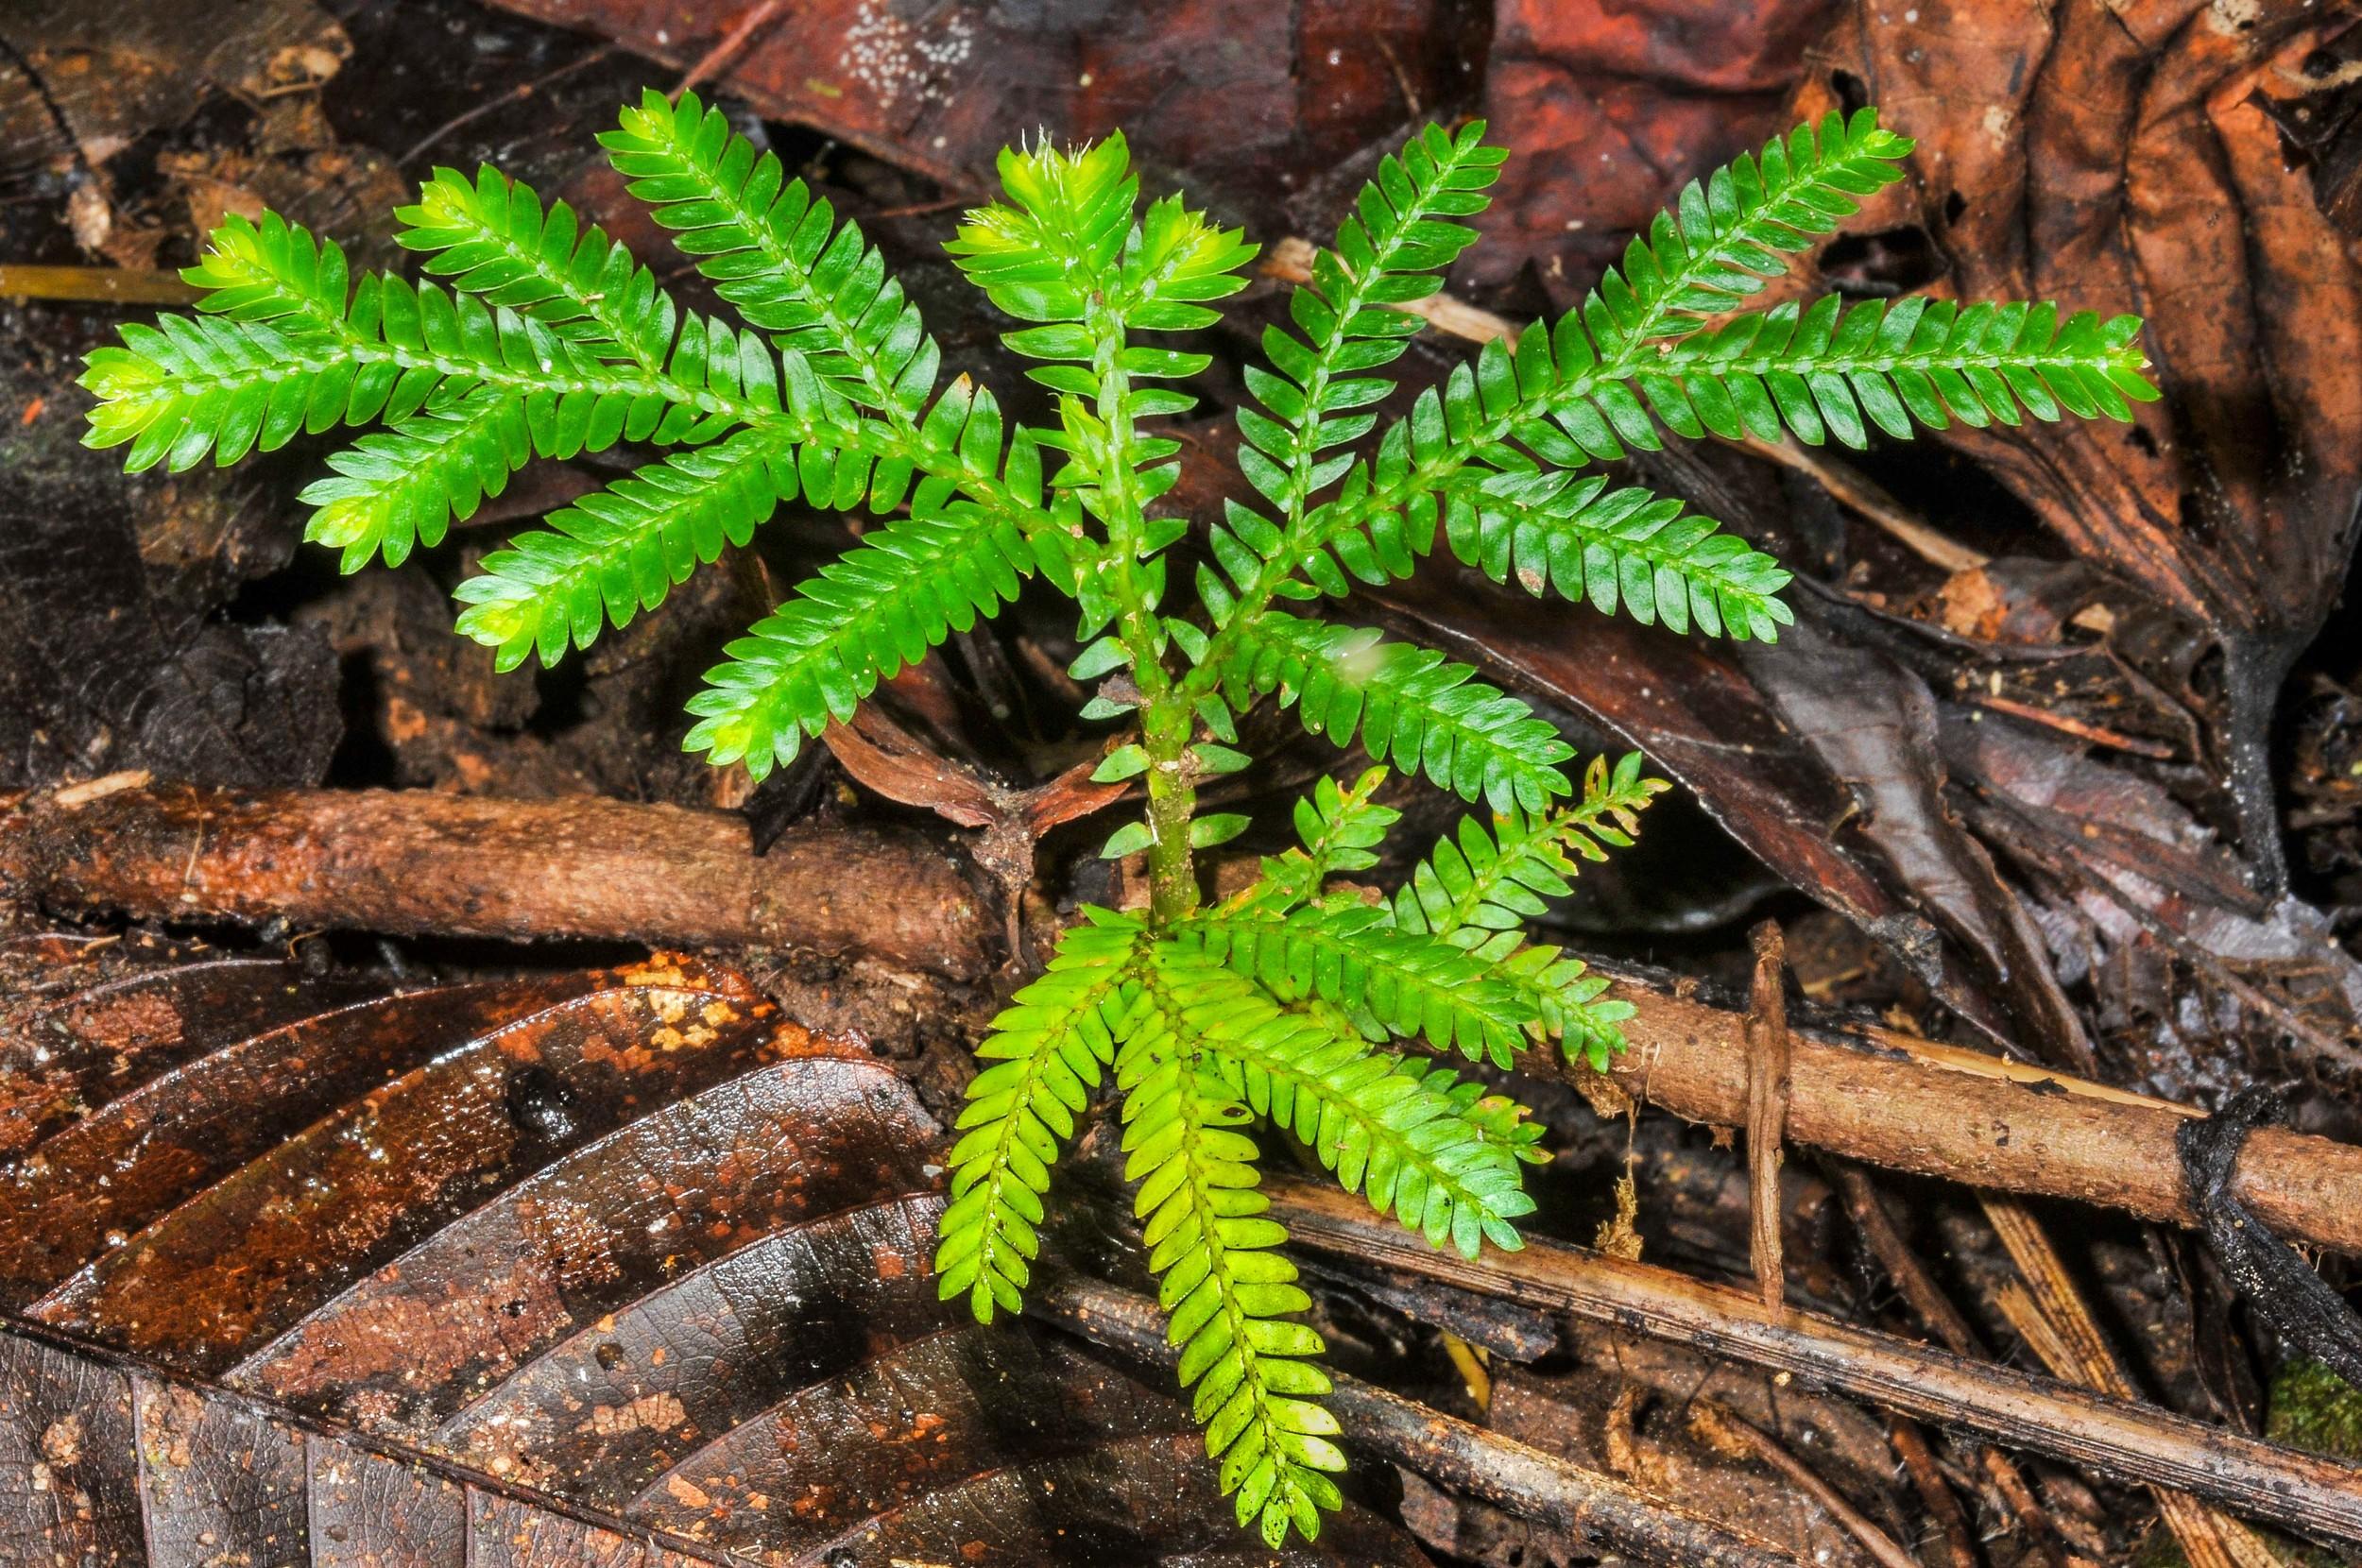 Selaginella fern, also called scattered fan fern.